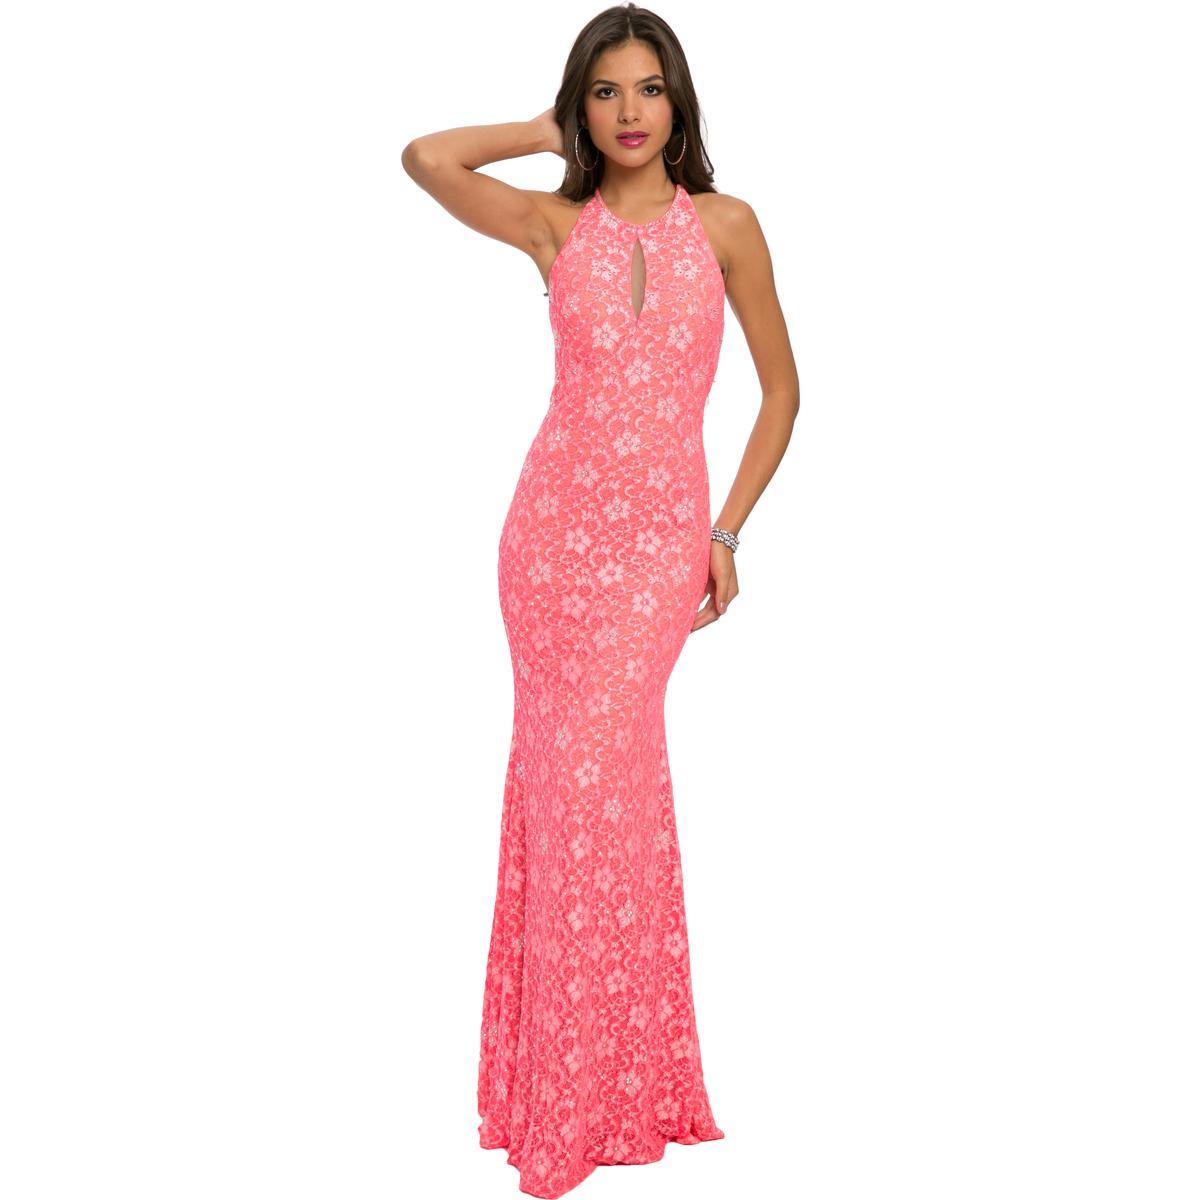 Famoso 2015 Vestidos De Prom De Jovani Imágenes - Colección de ...